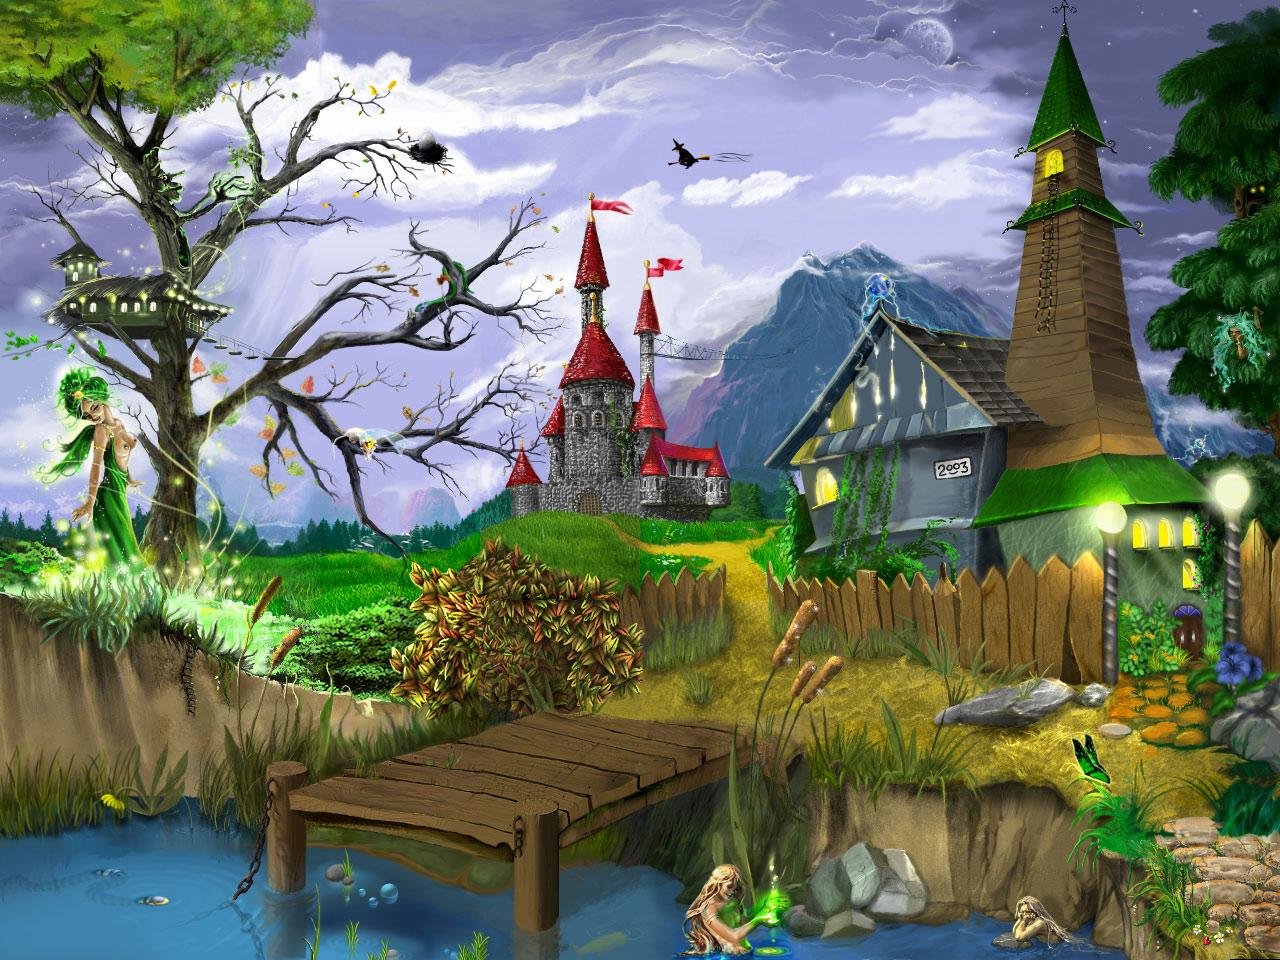 Immagini e foto paesaggi immagini paesaggi sfondi 2 for Paesaggi fantasy immagini